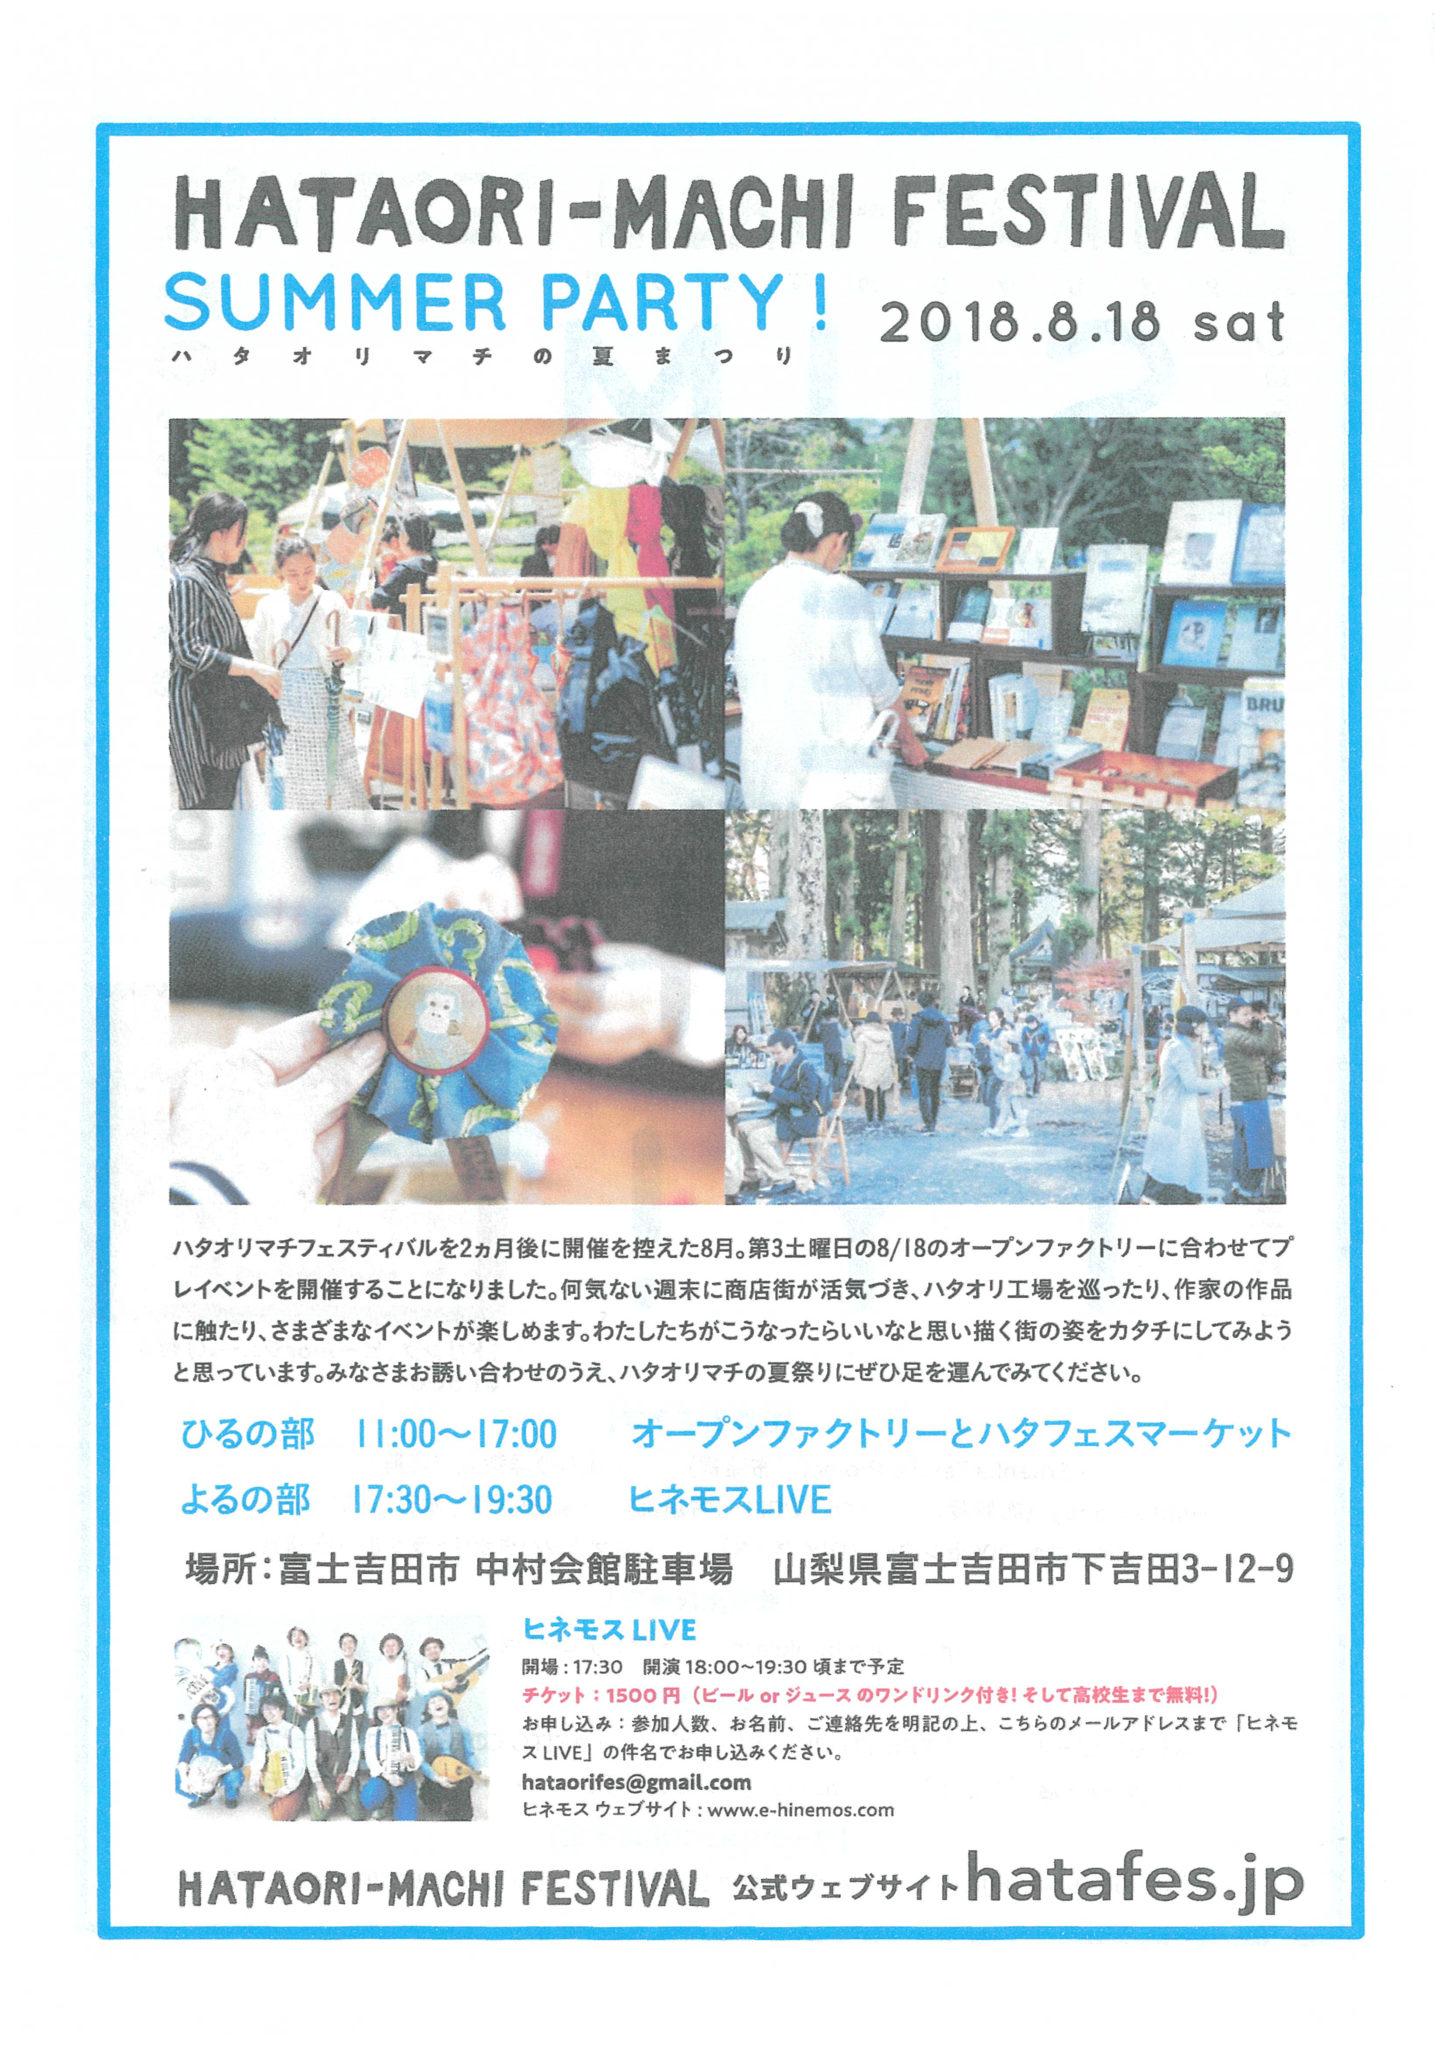 ハタオリマチフェスティバル SUMMER PARTY! 富士吉田市 イベント 2